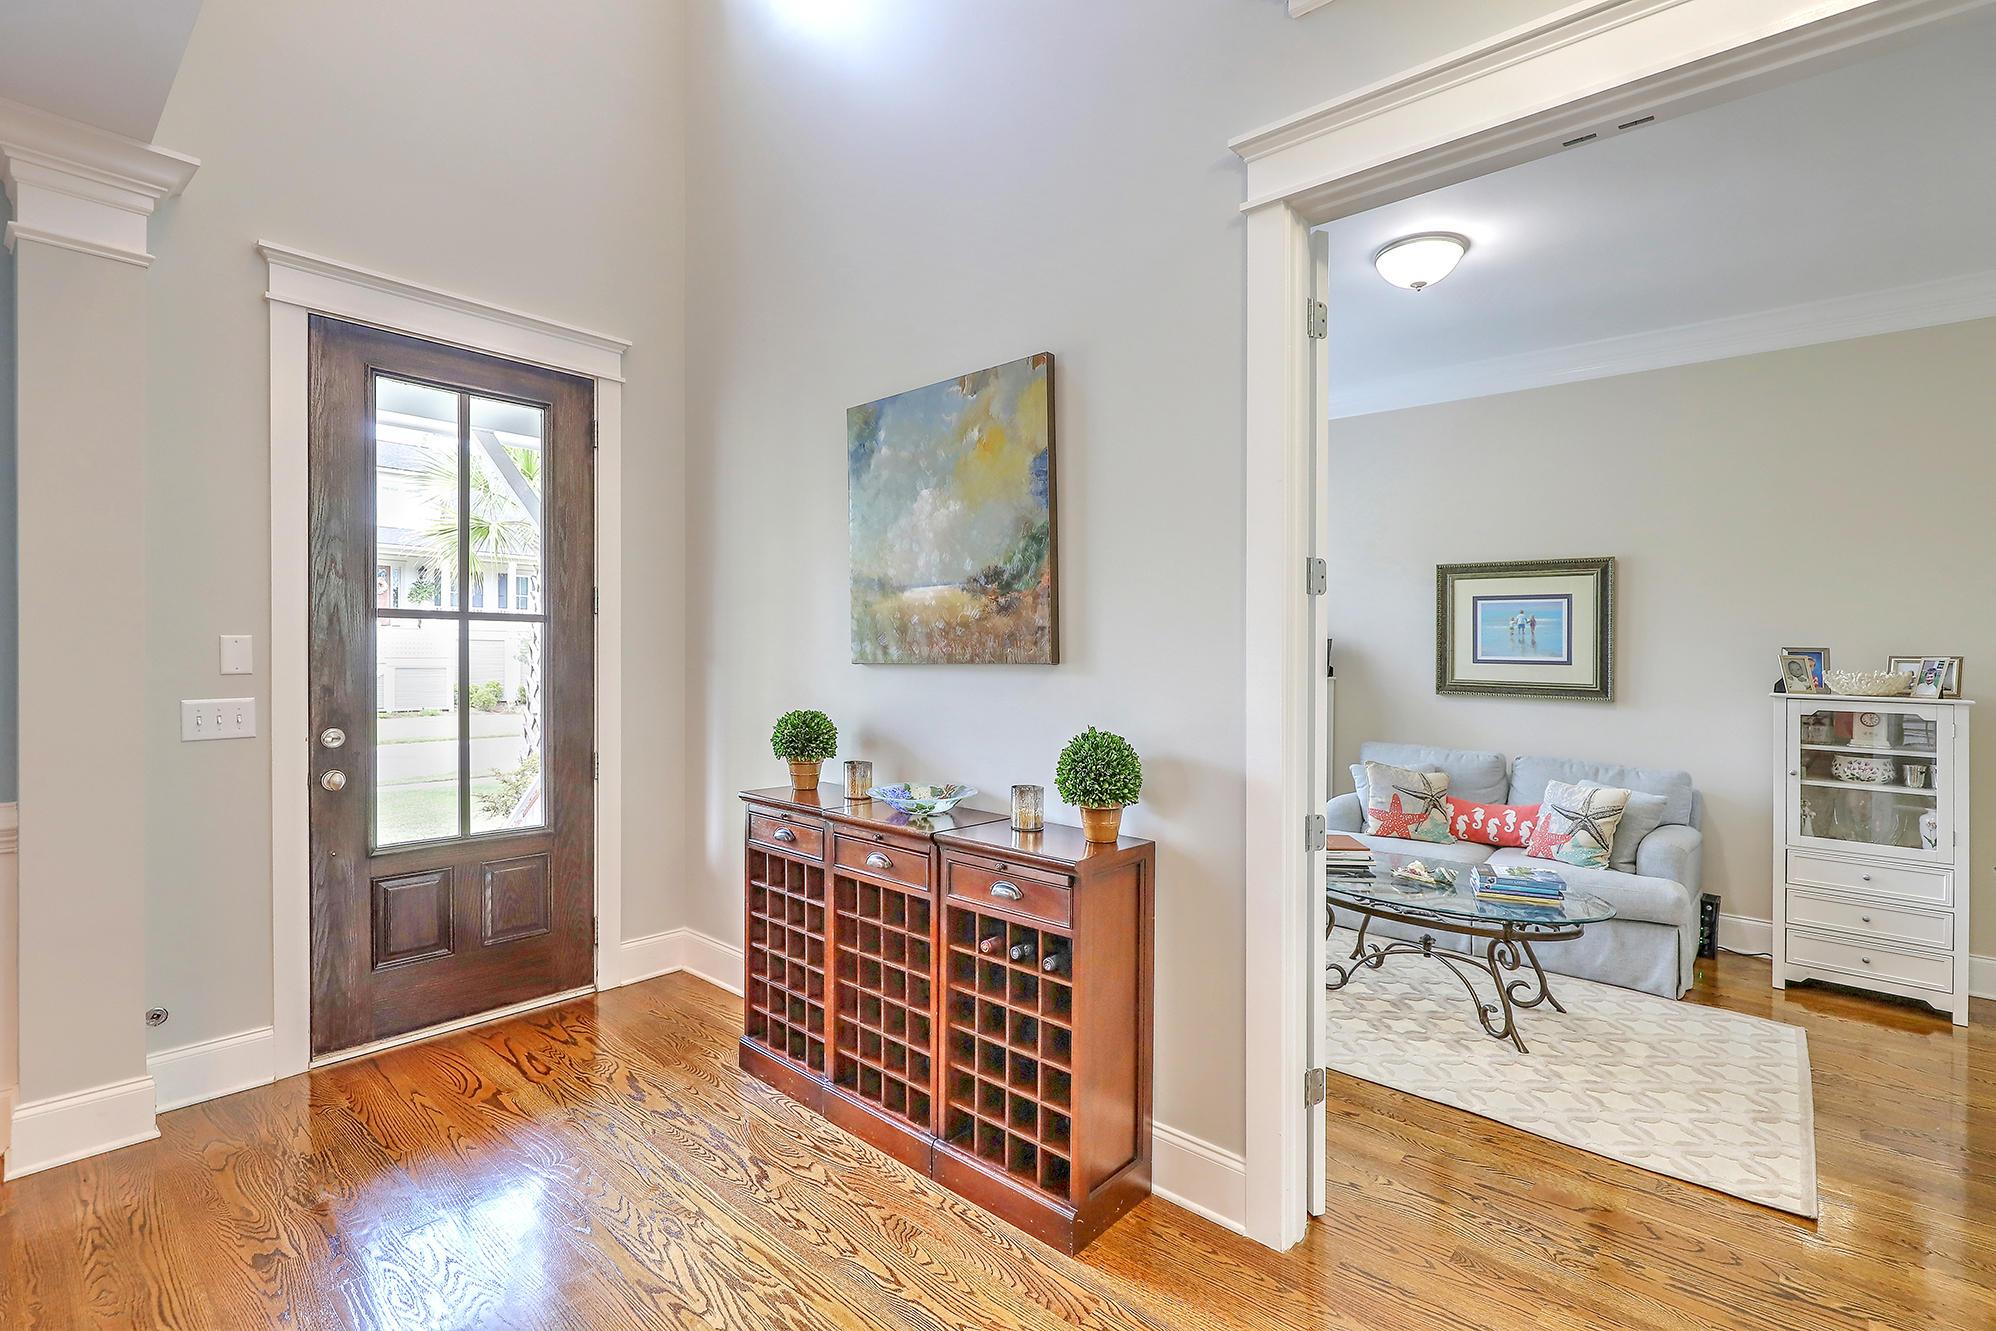 Park West Homes For Sale - 1516 Capel, Mount Pleasant, SC - 33